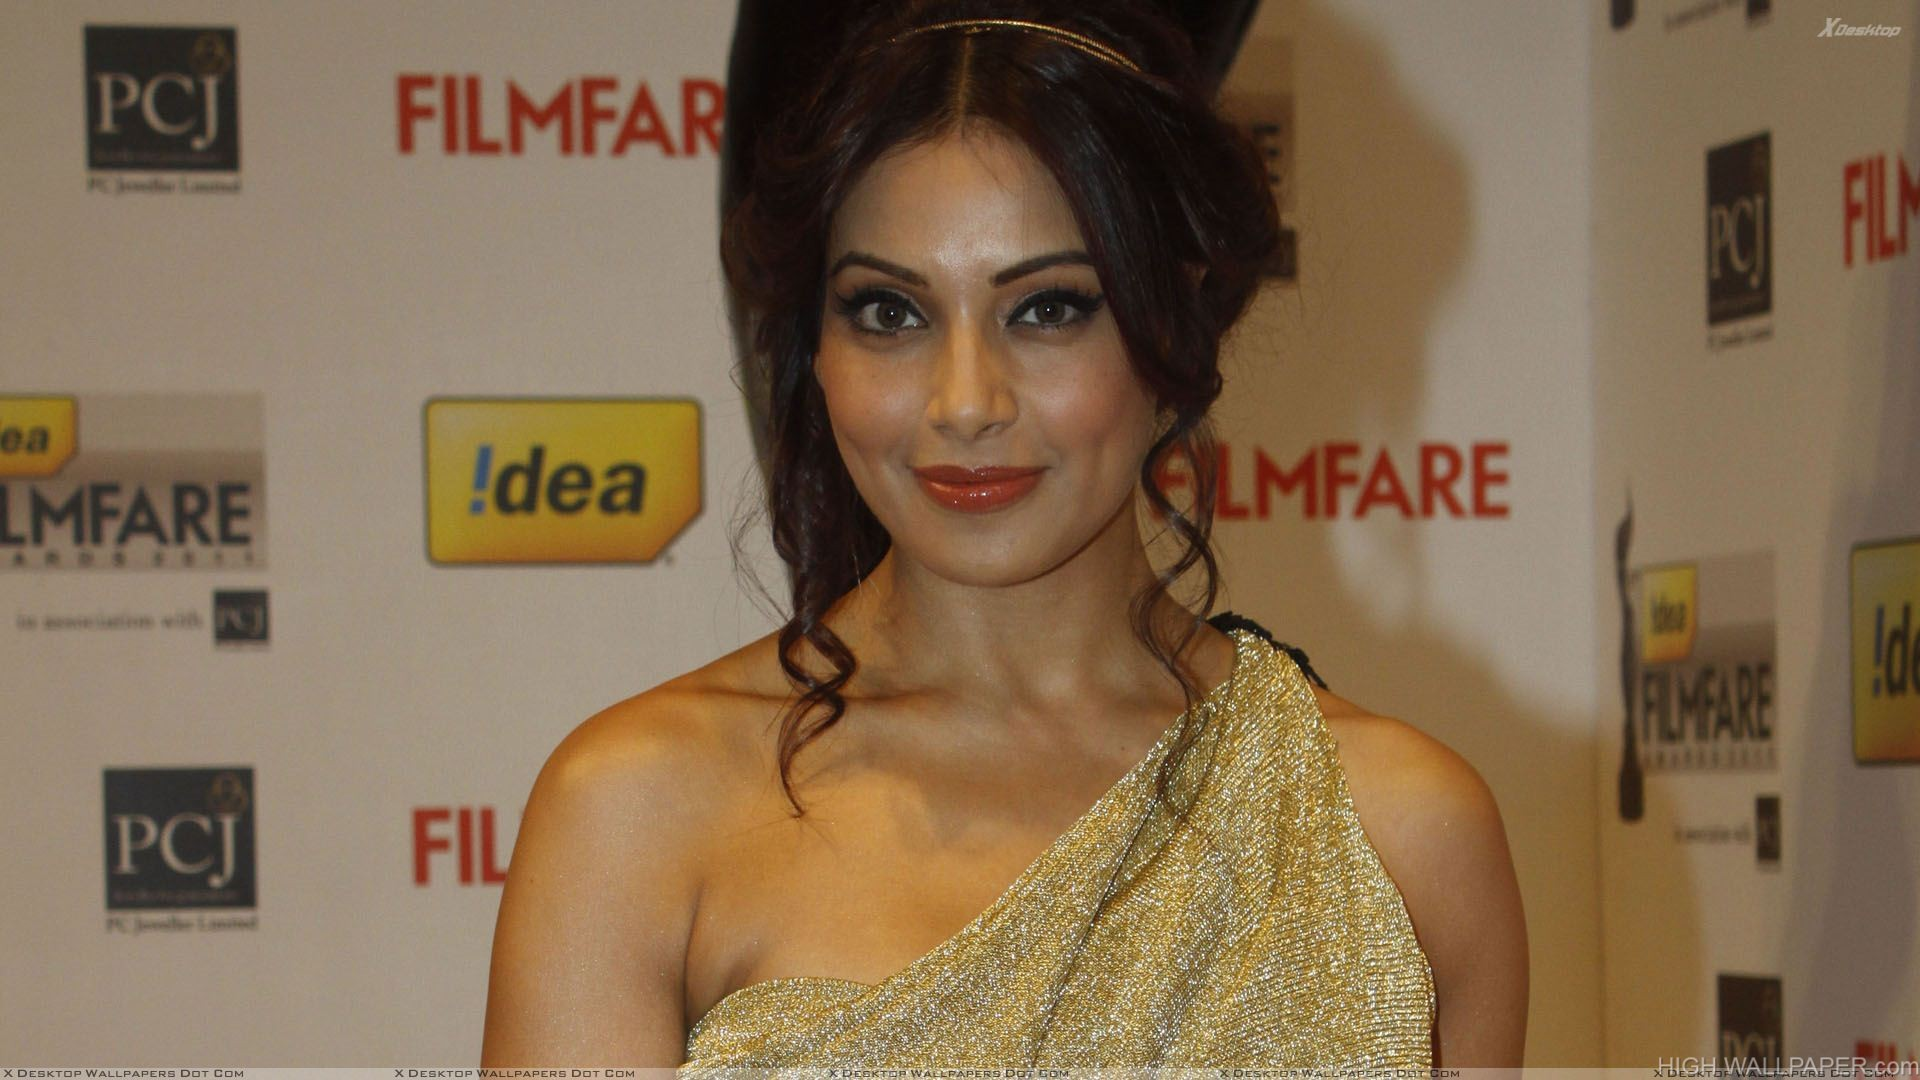 Bipasha Basu Filmfare Awards 2012 Red Carpet Red Lips Smiling